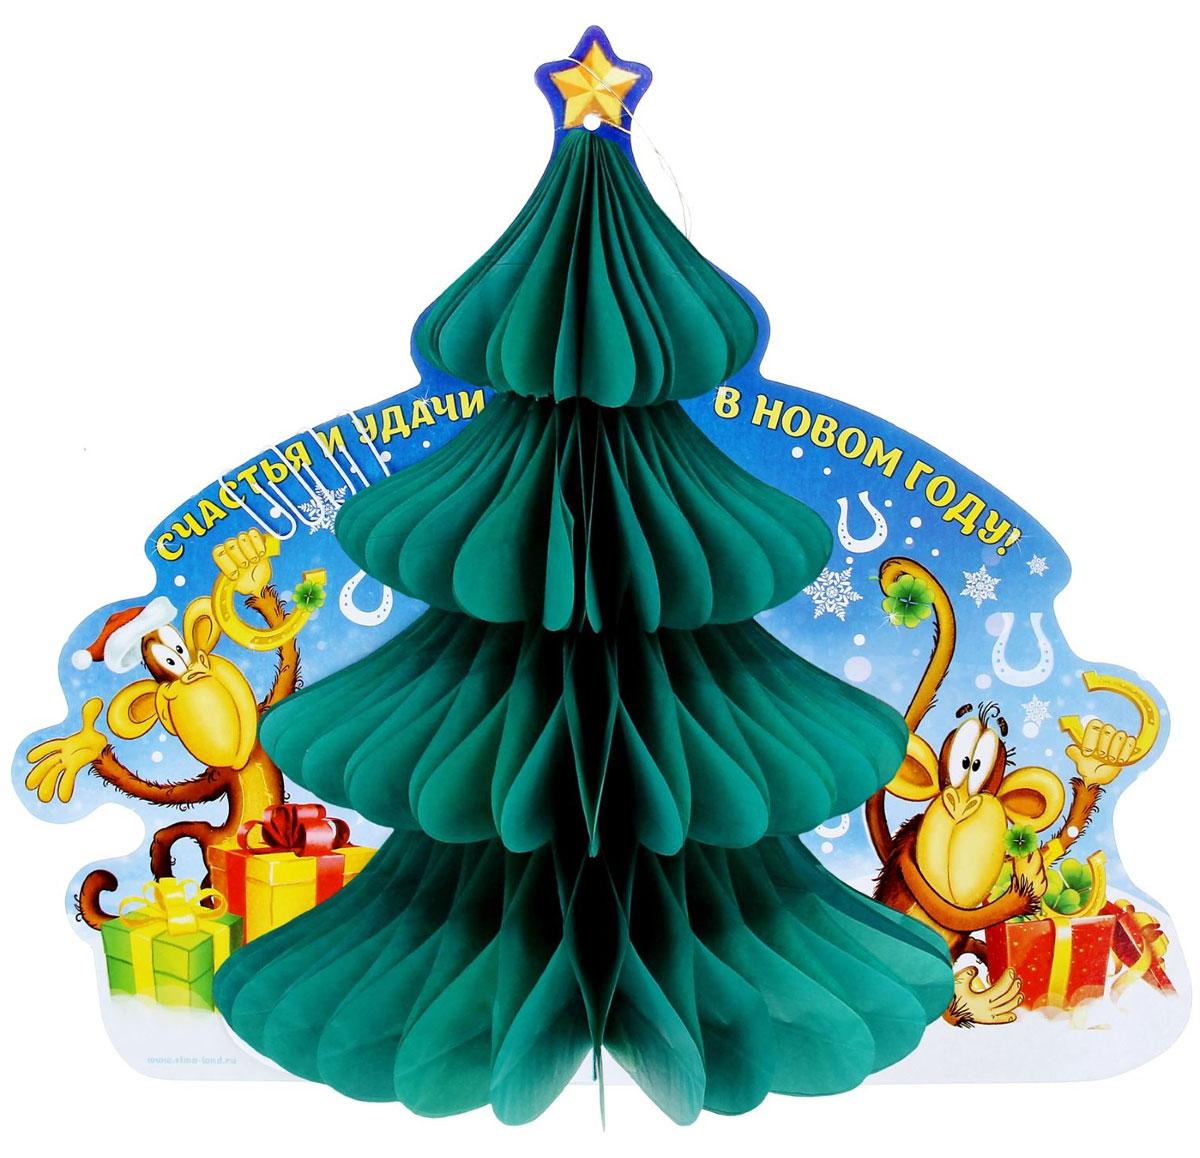 Новогоднее подвесное украшение Sima-land Елка. Удачного нового года, 34 см х 30,8 см х 21,6 см новогоднее подвесное украшение sima land готический узор диаметр 10 см